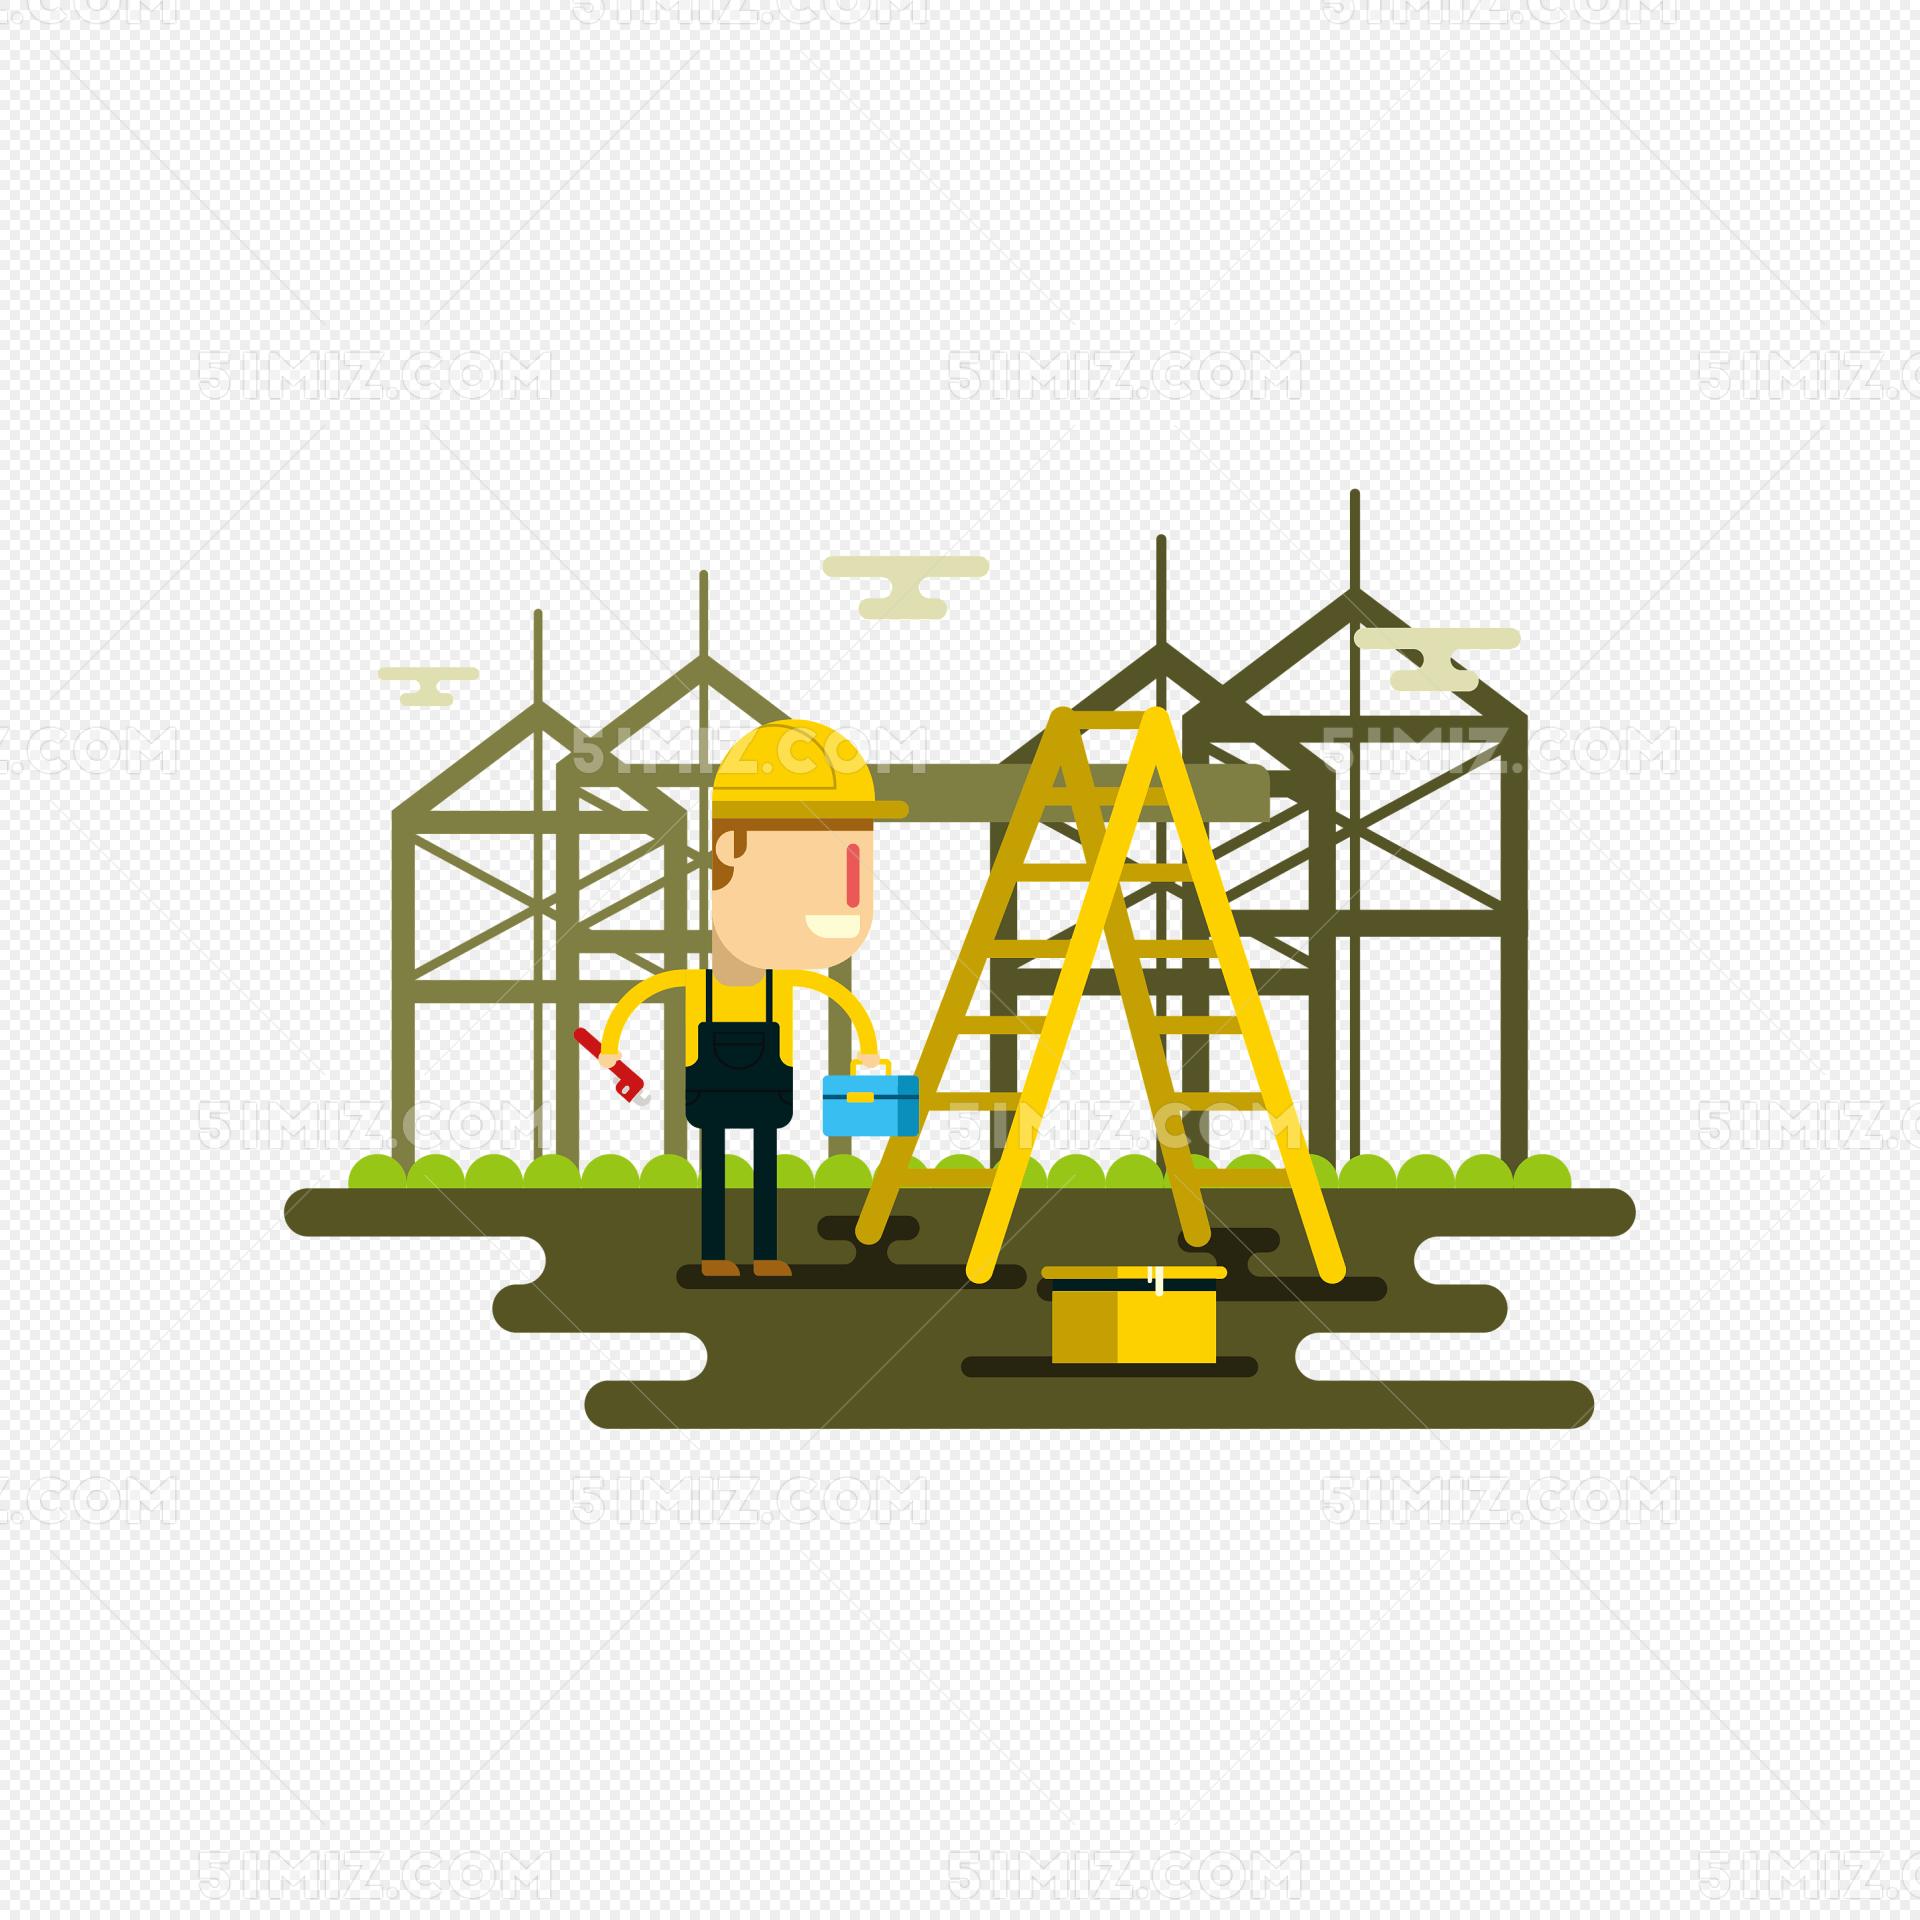 卡通电力工人矢量素材图片